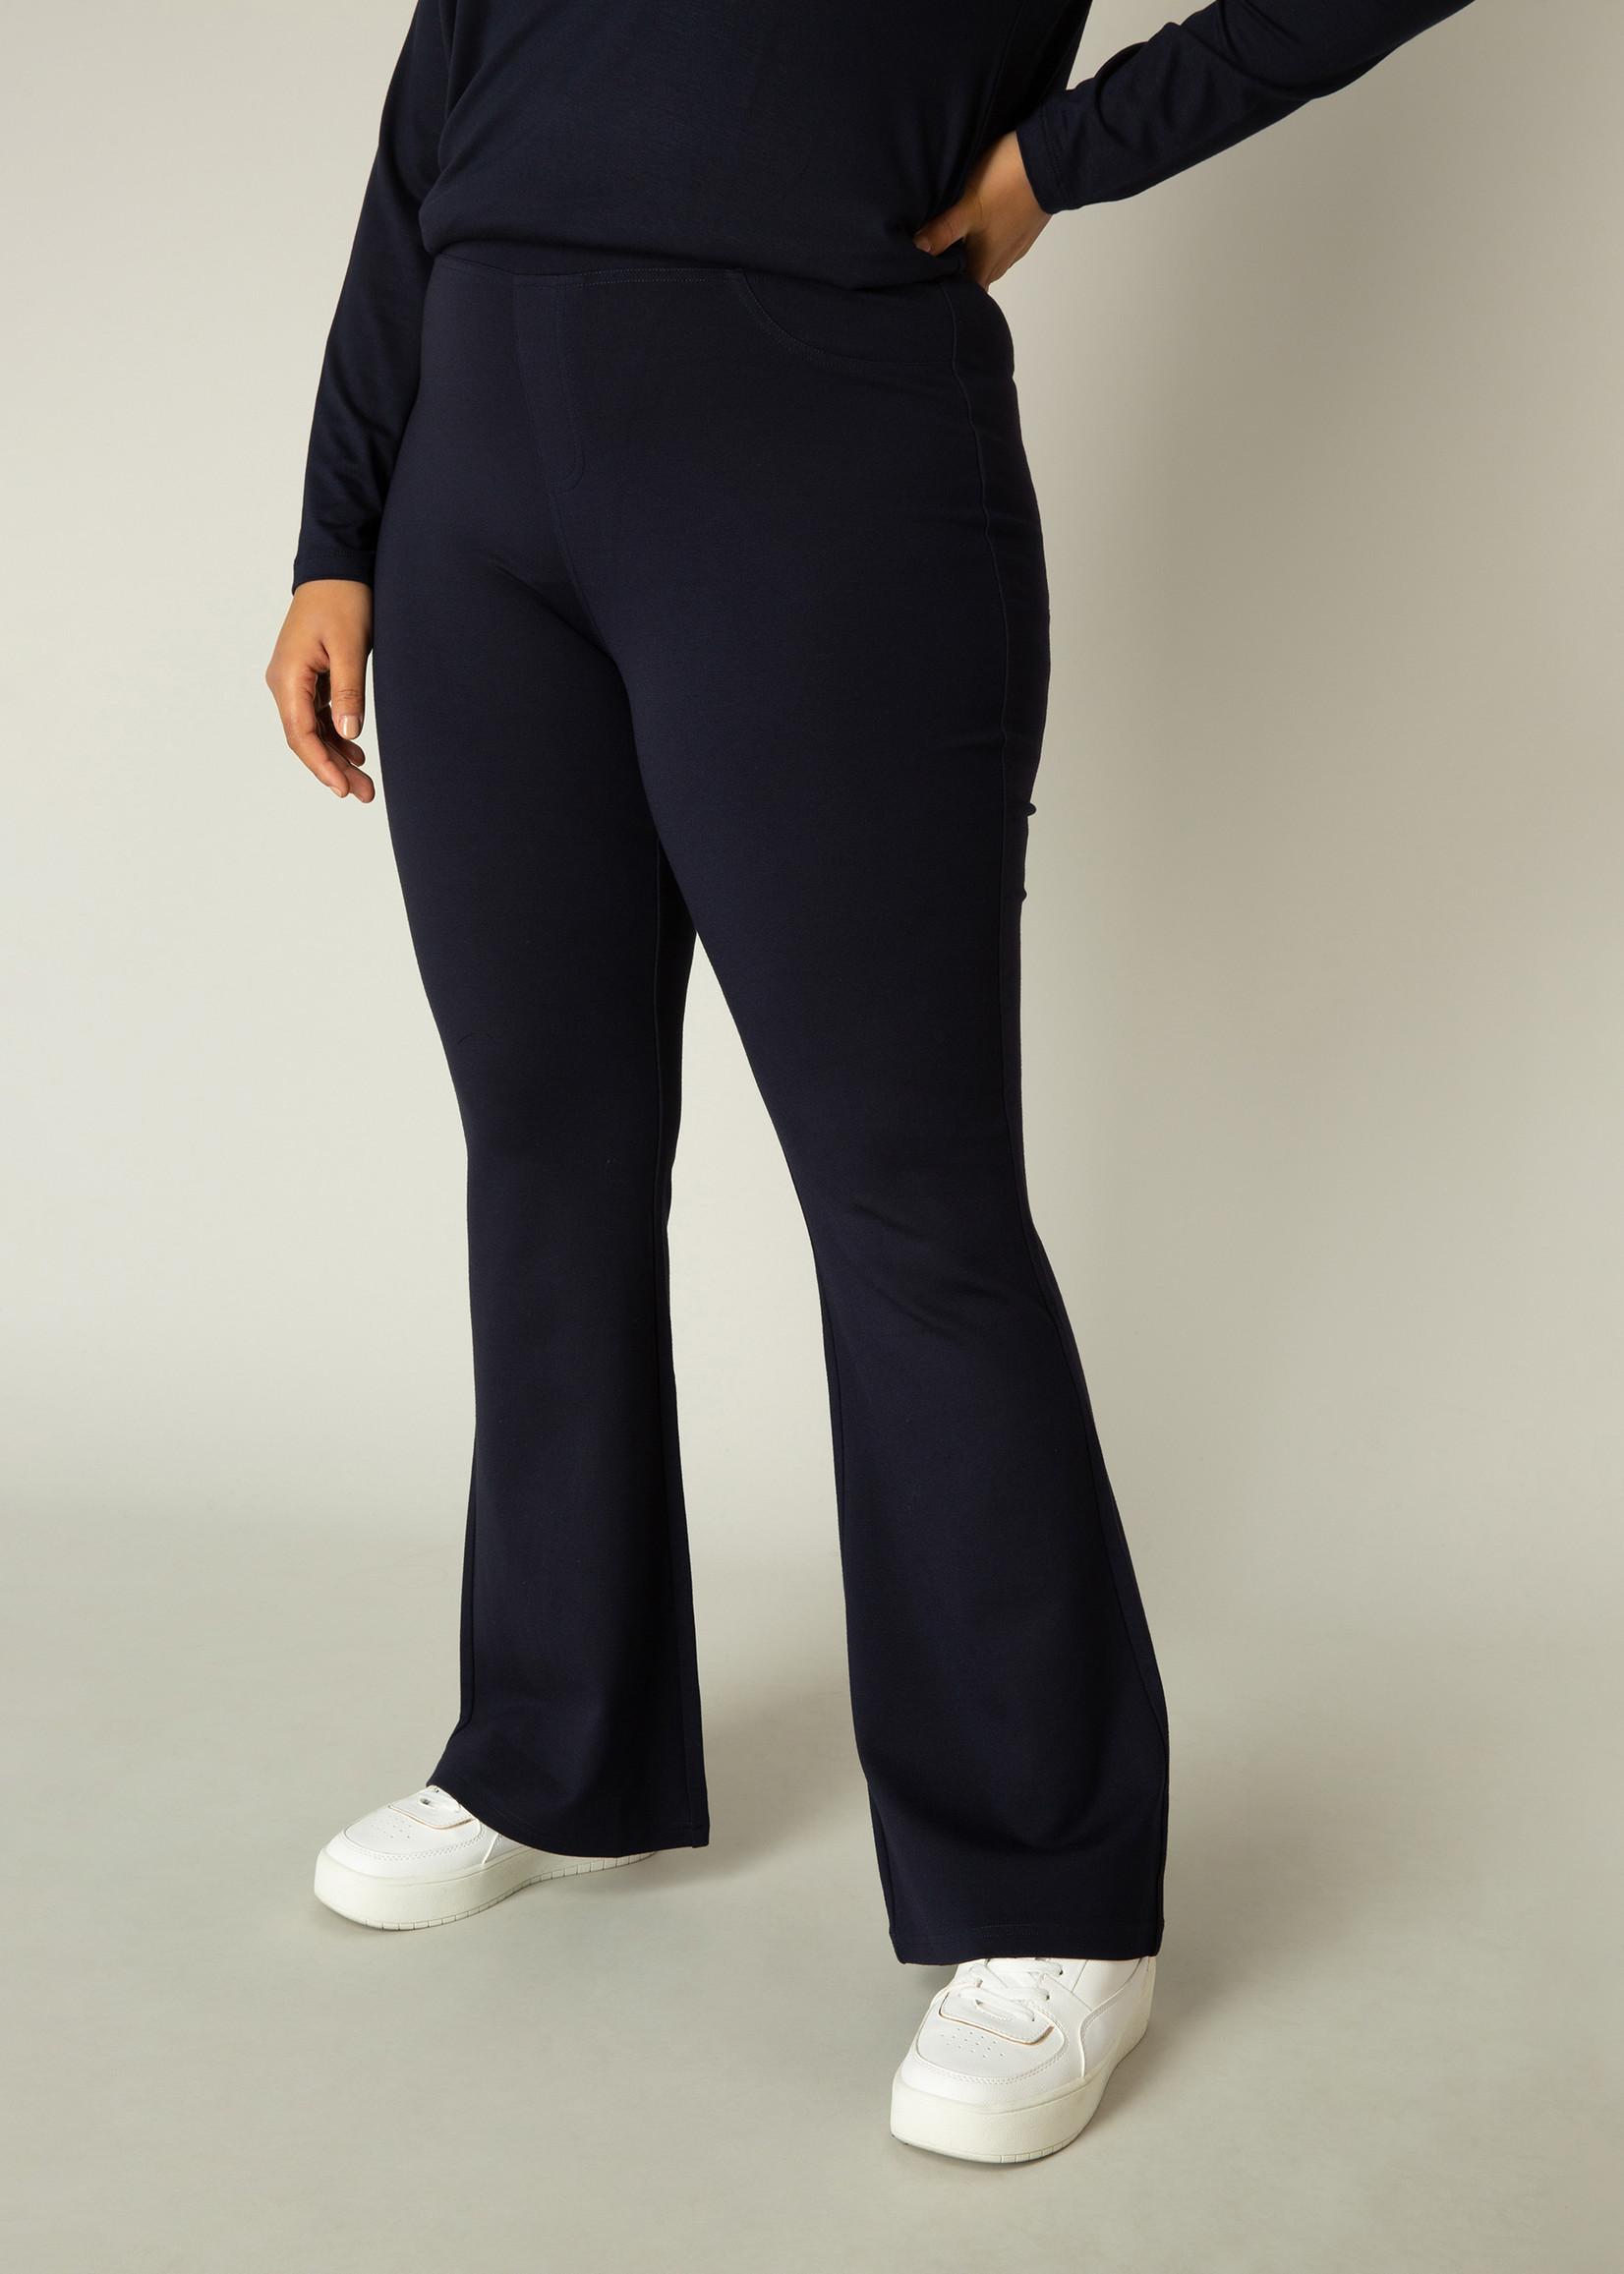 Base Level Curvy Base Level Curvy Allie Pants